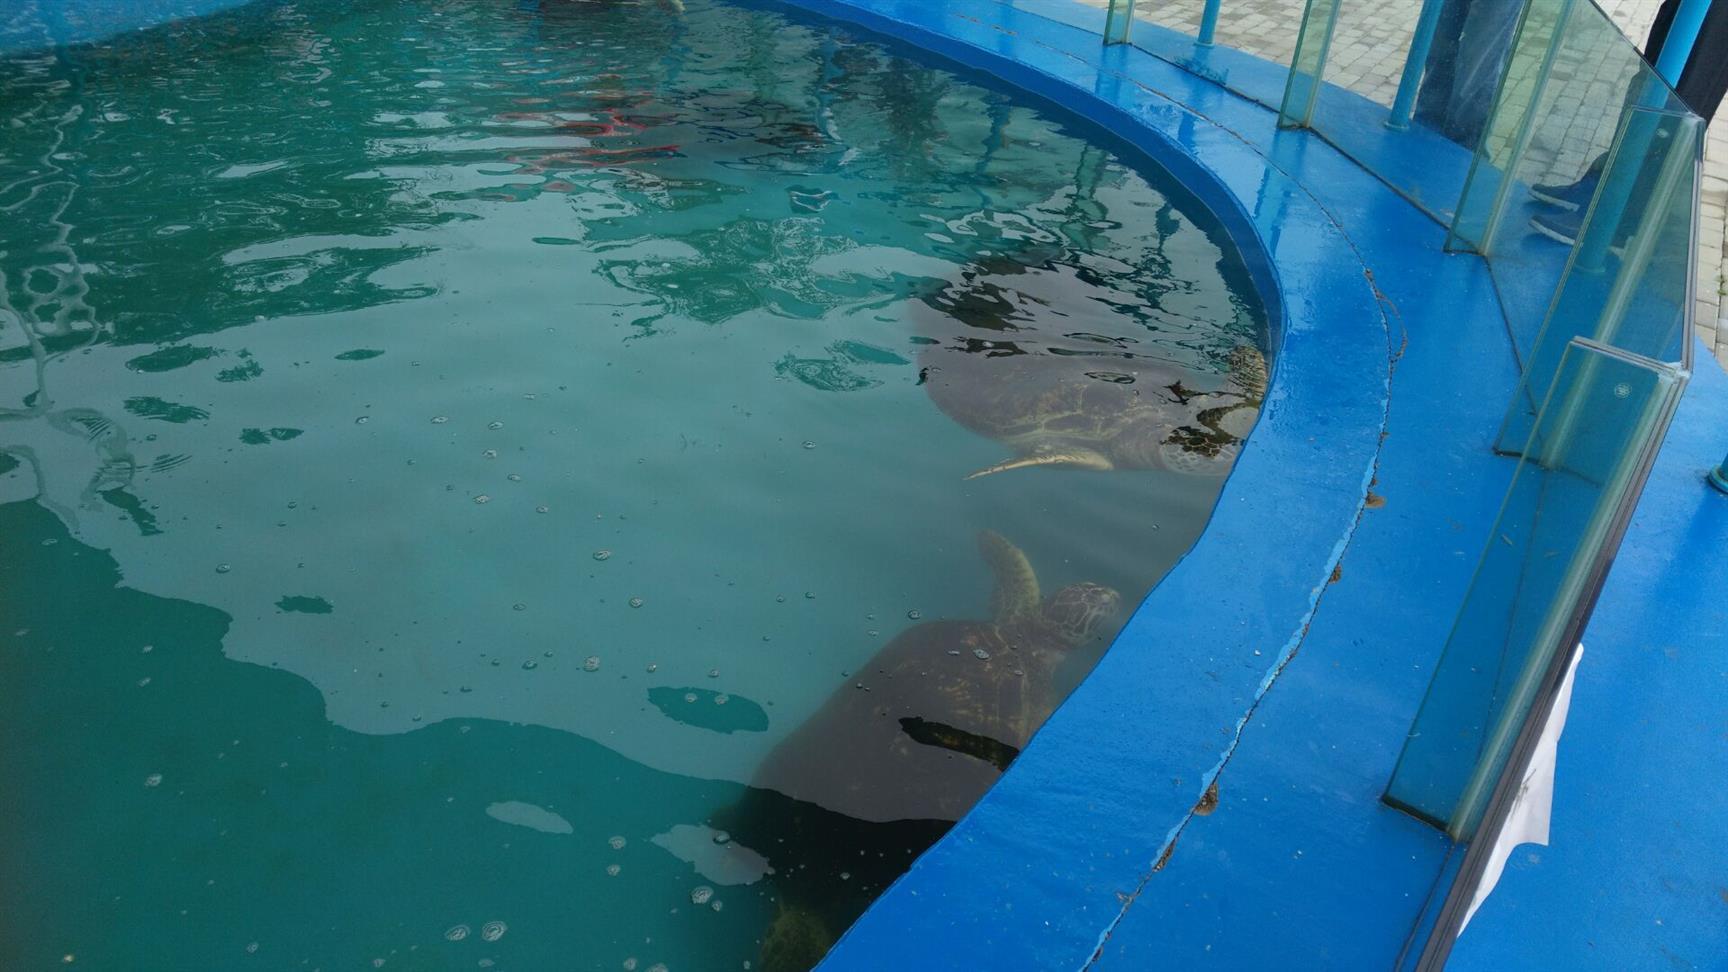 衡水个人鱼池环保无溶剂防水漆厂家